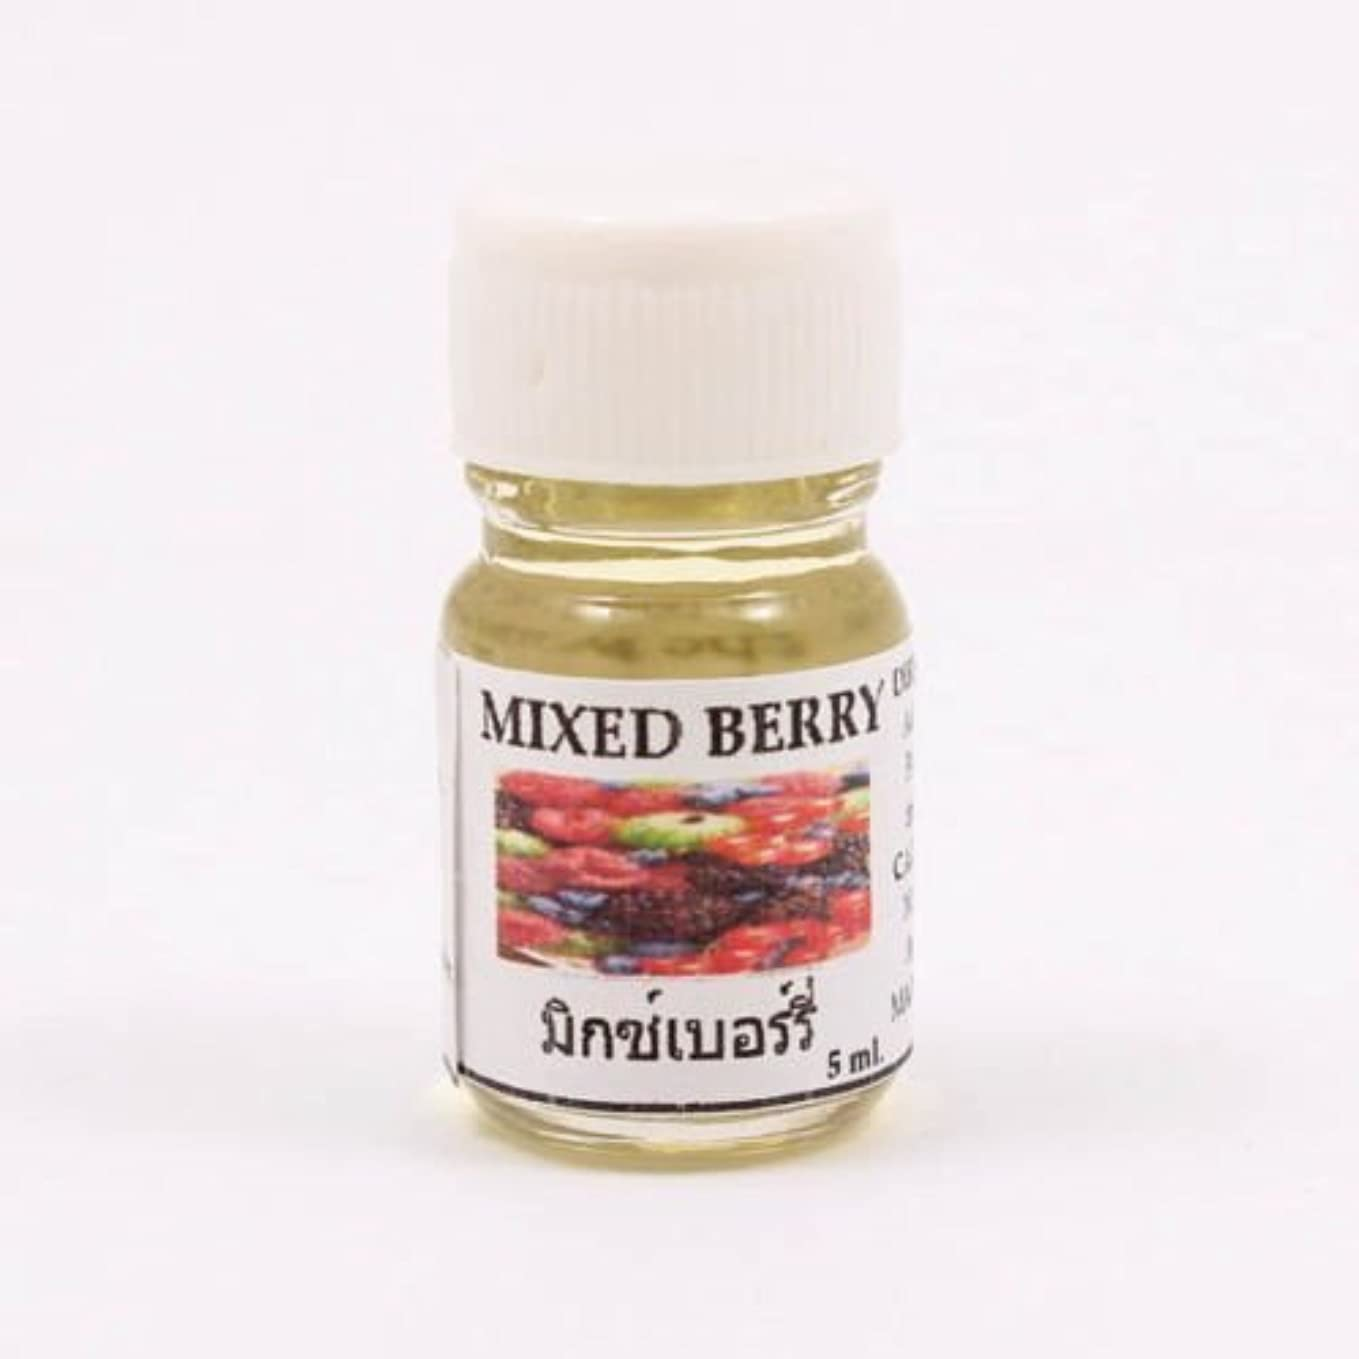 感情部分素晴らしさ6X Mixed Berry Aroma Fragrance Essential Oil 5ML Diffuser Burner Therapy